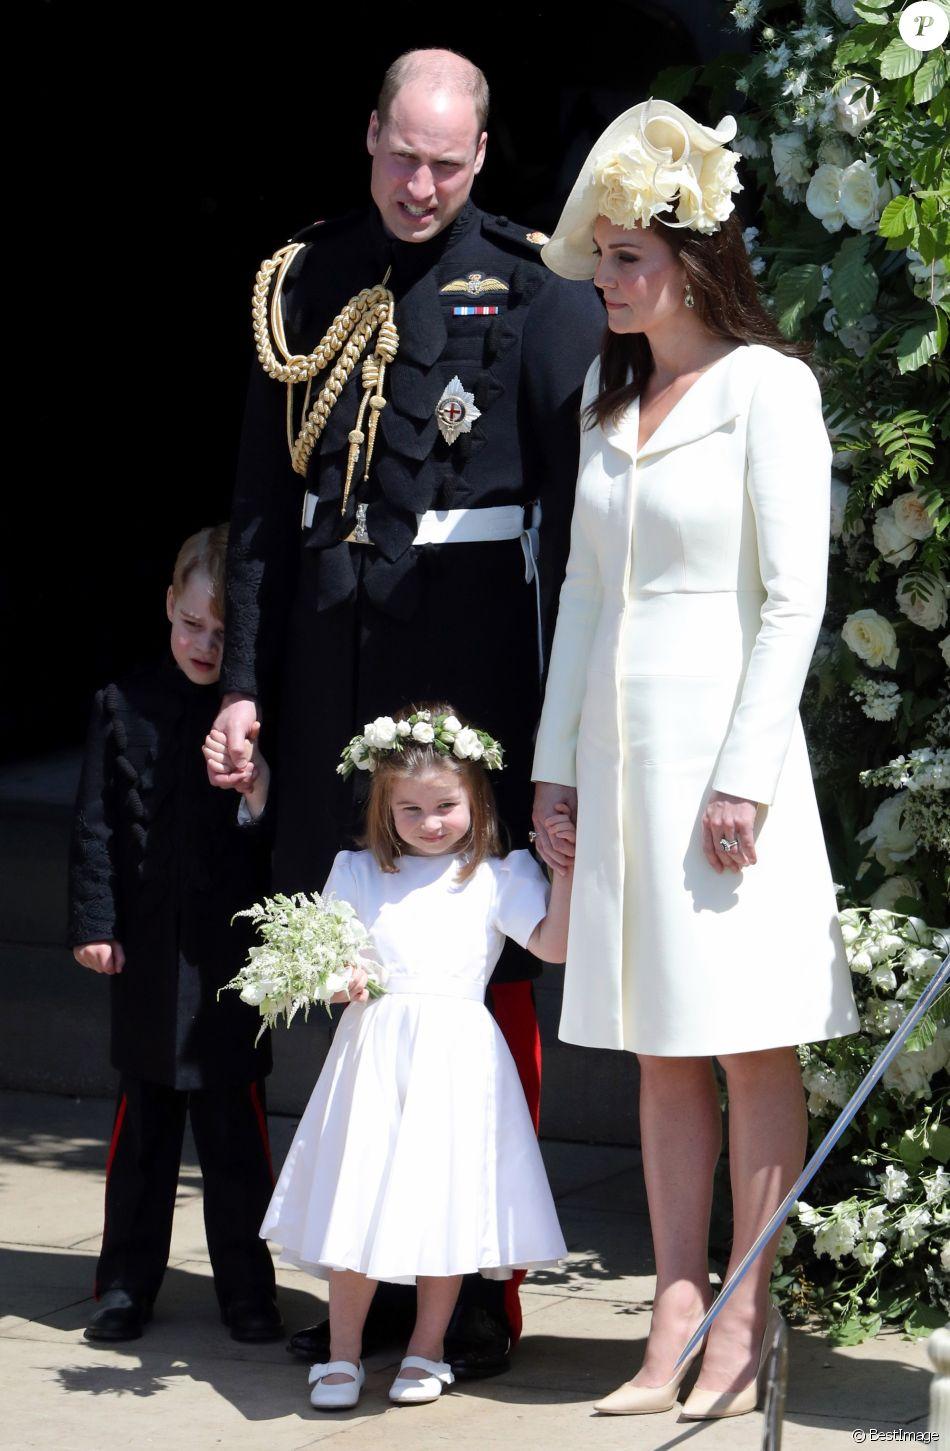 Mariage du prince Harry et de Meghan Markle , Le prince William, Kate  Middleton et leurs enfants George et Charlotte de Cambridge à la sortie de  la chapelle